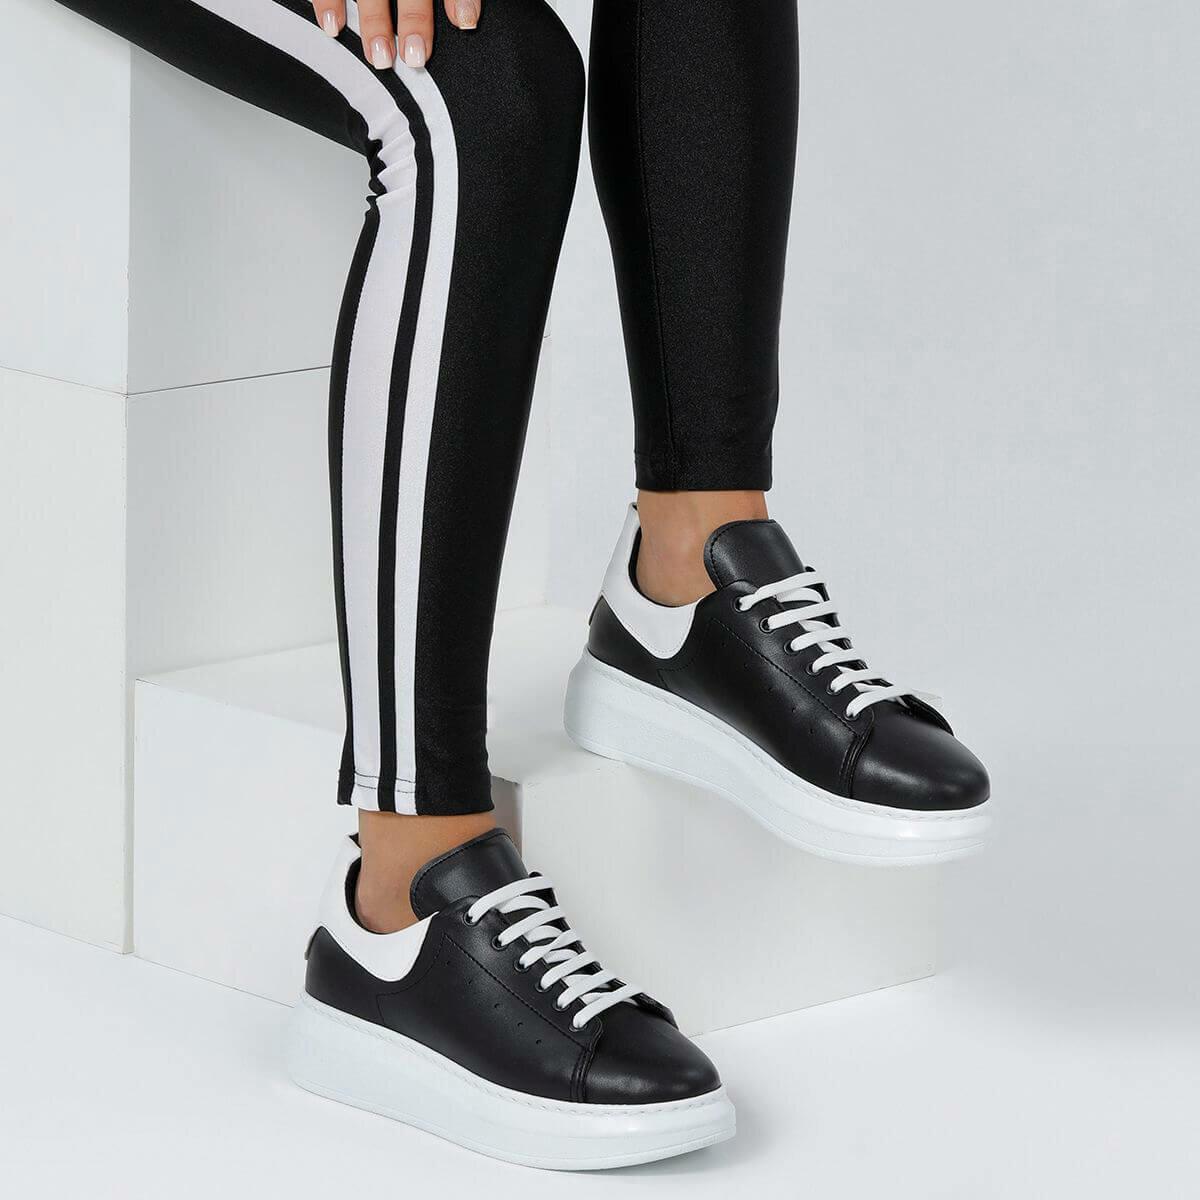 FLO DONALD85Z Black Women 'S Sneaker Shoes BUTIGO